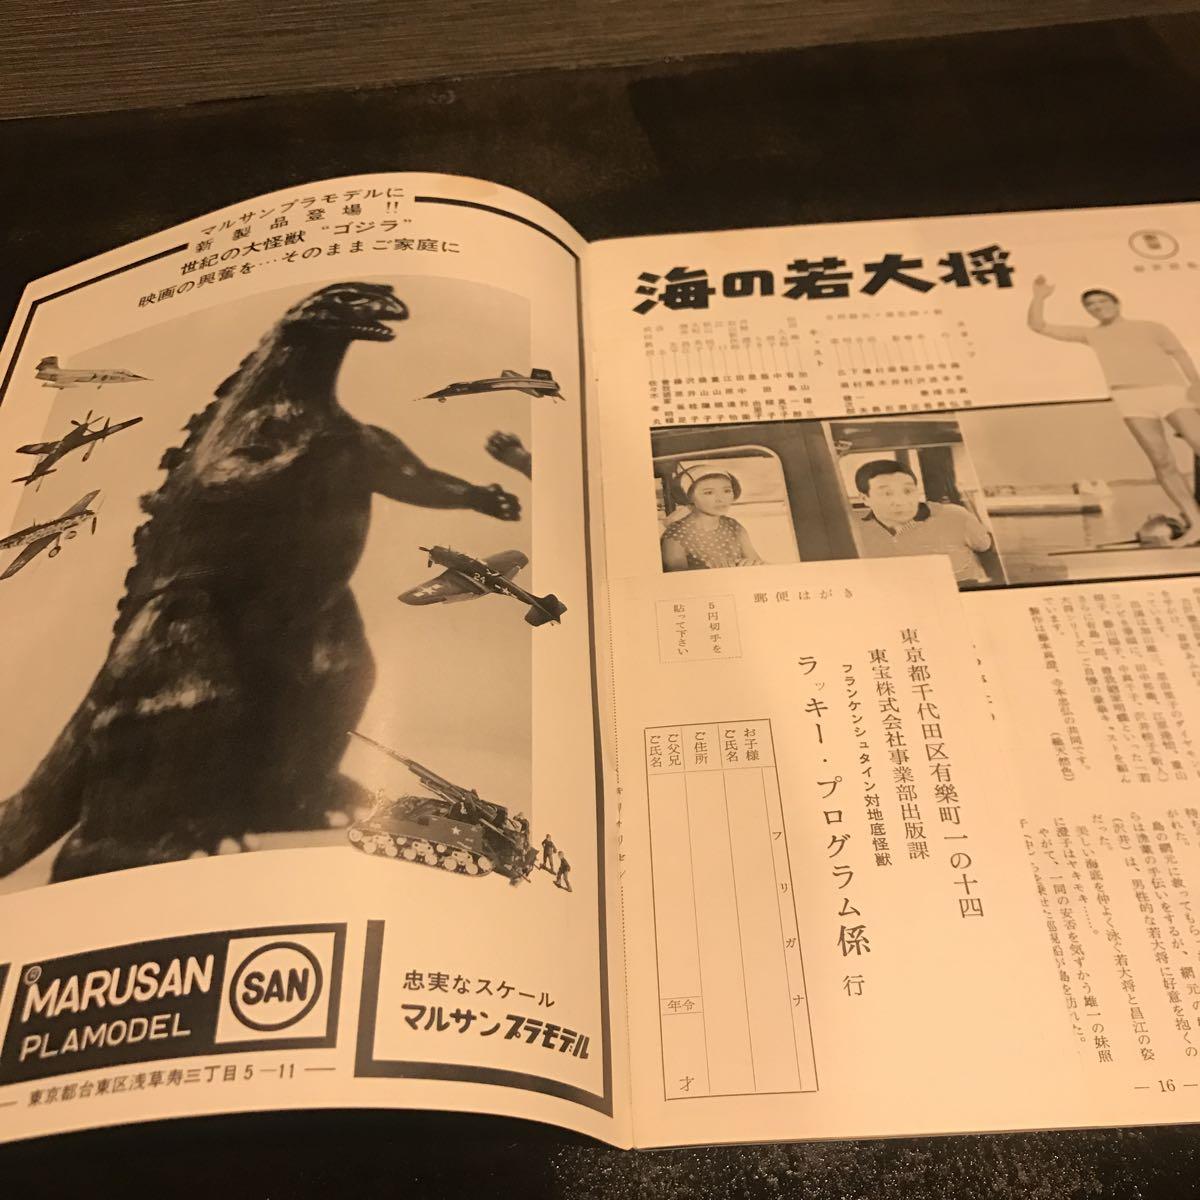 フランケンシュタイン対地底怪獣 バラゴン パンフレット 特撮 日本映画 昭和レトロ 美品 レア_画像3